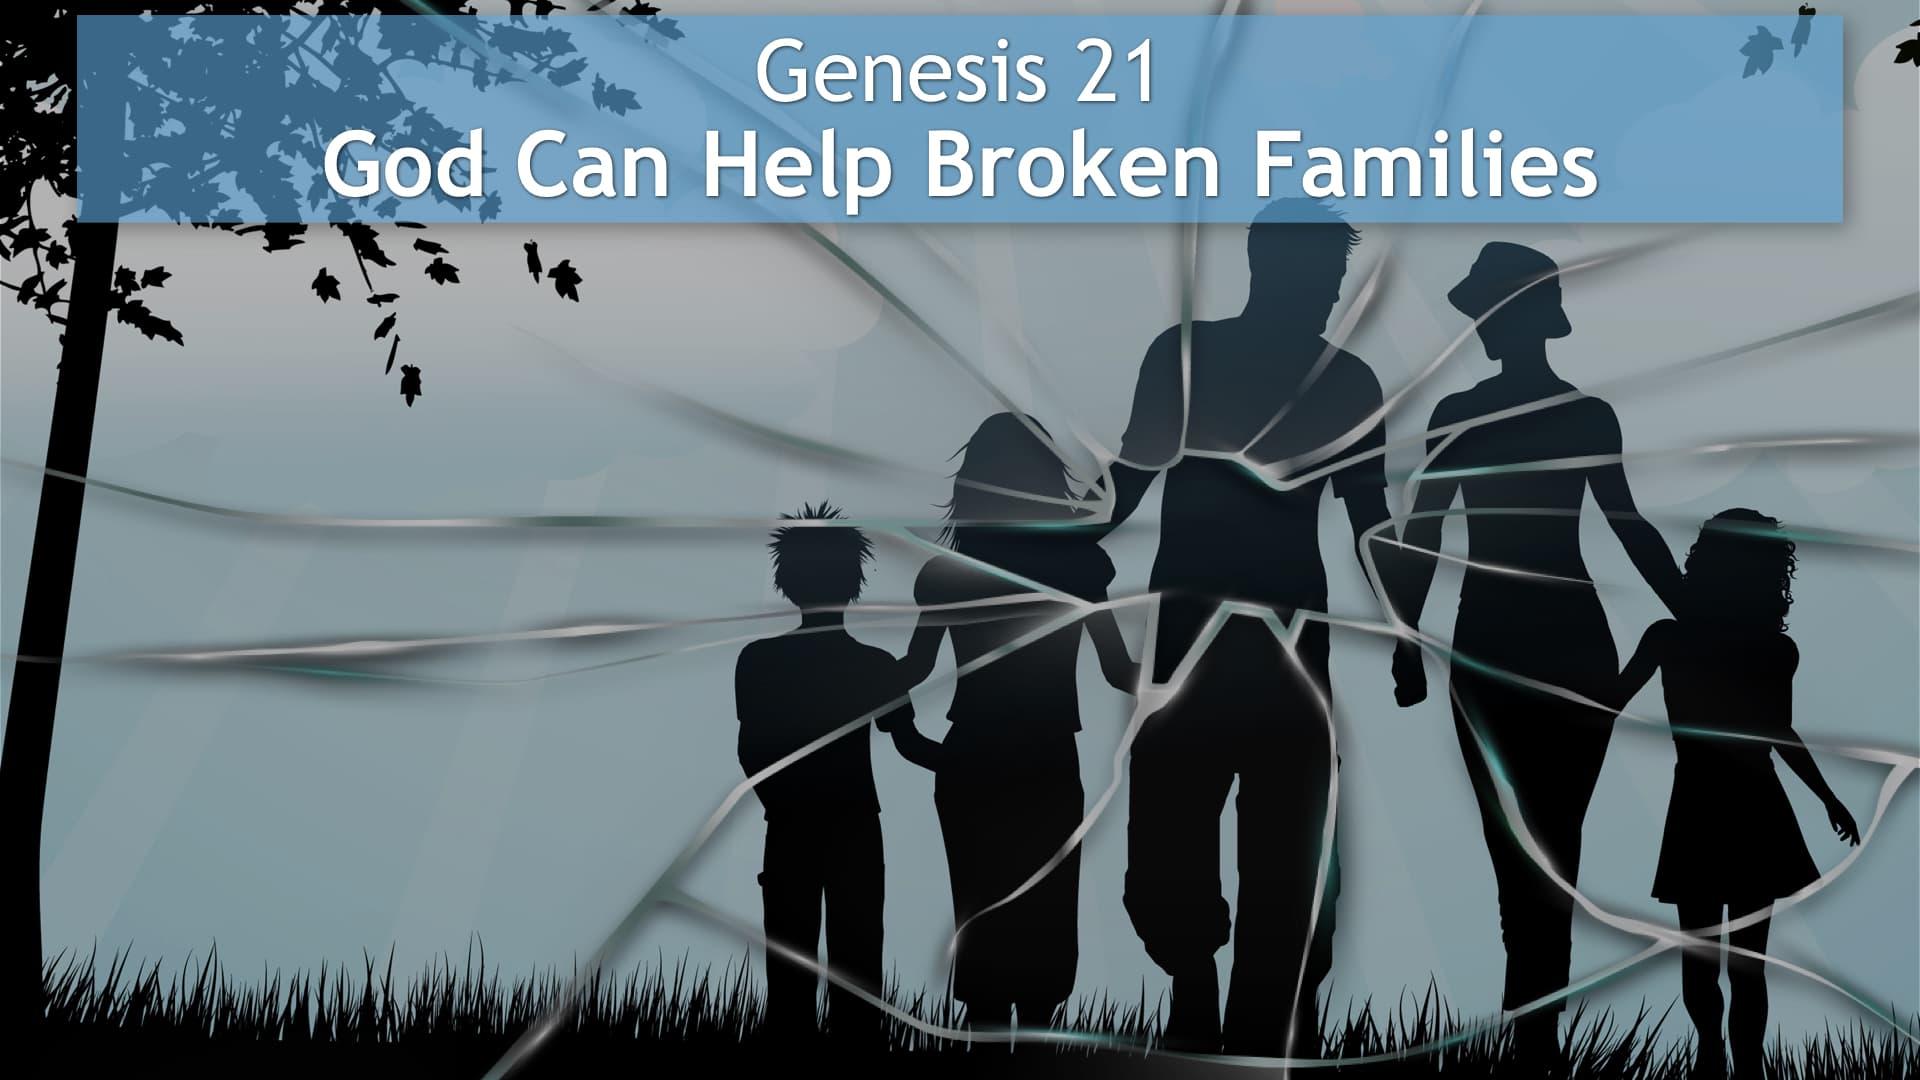 Genesis 21, God Can Help Broken Families